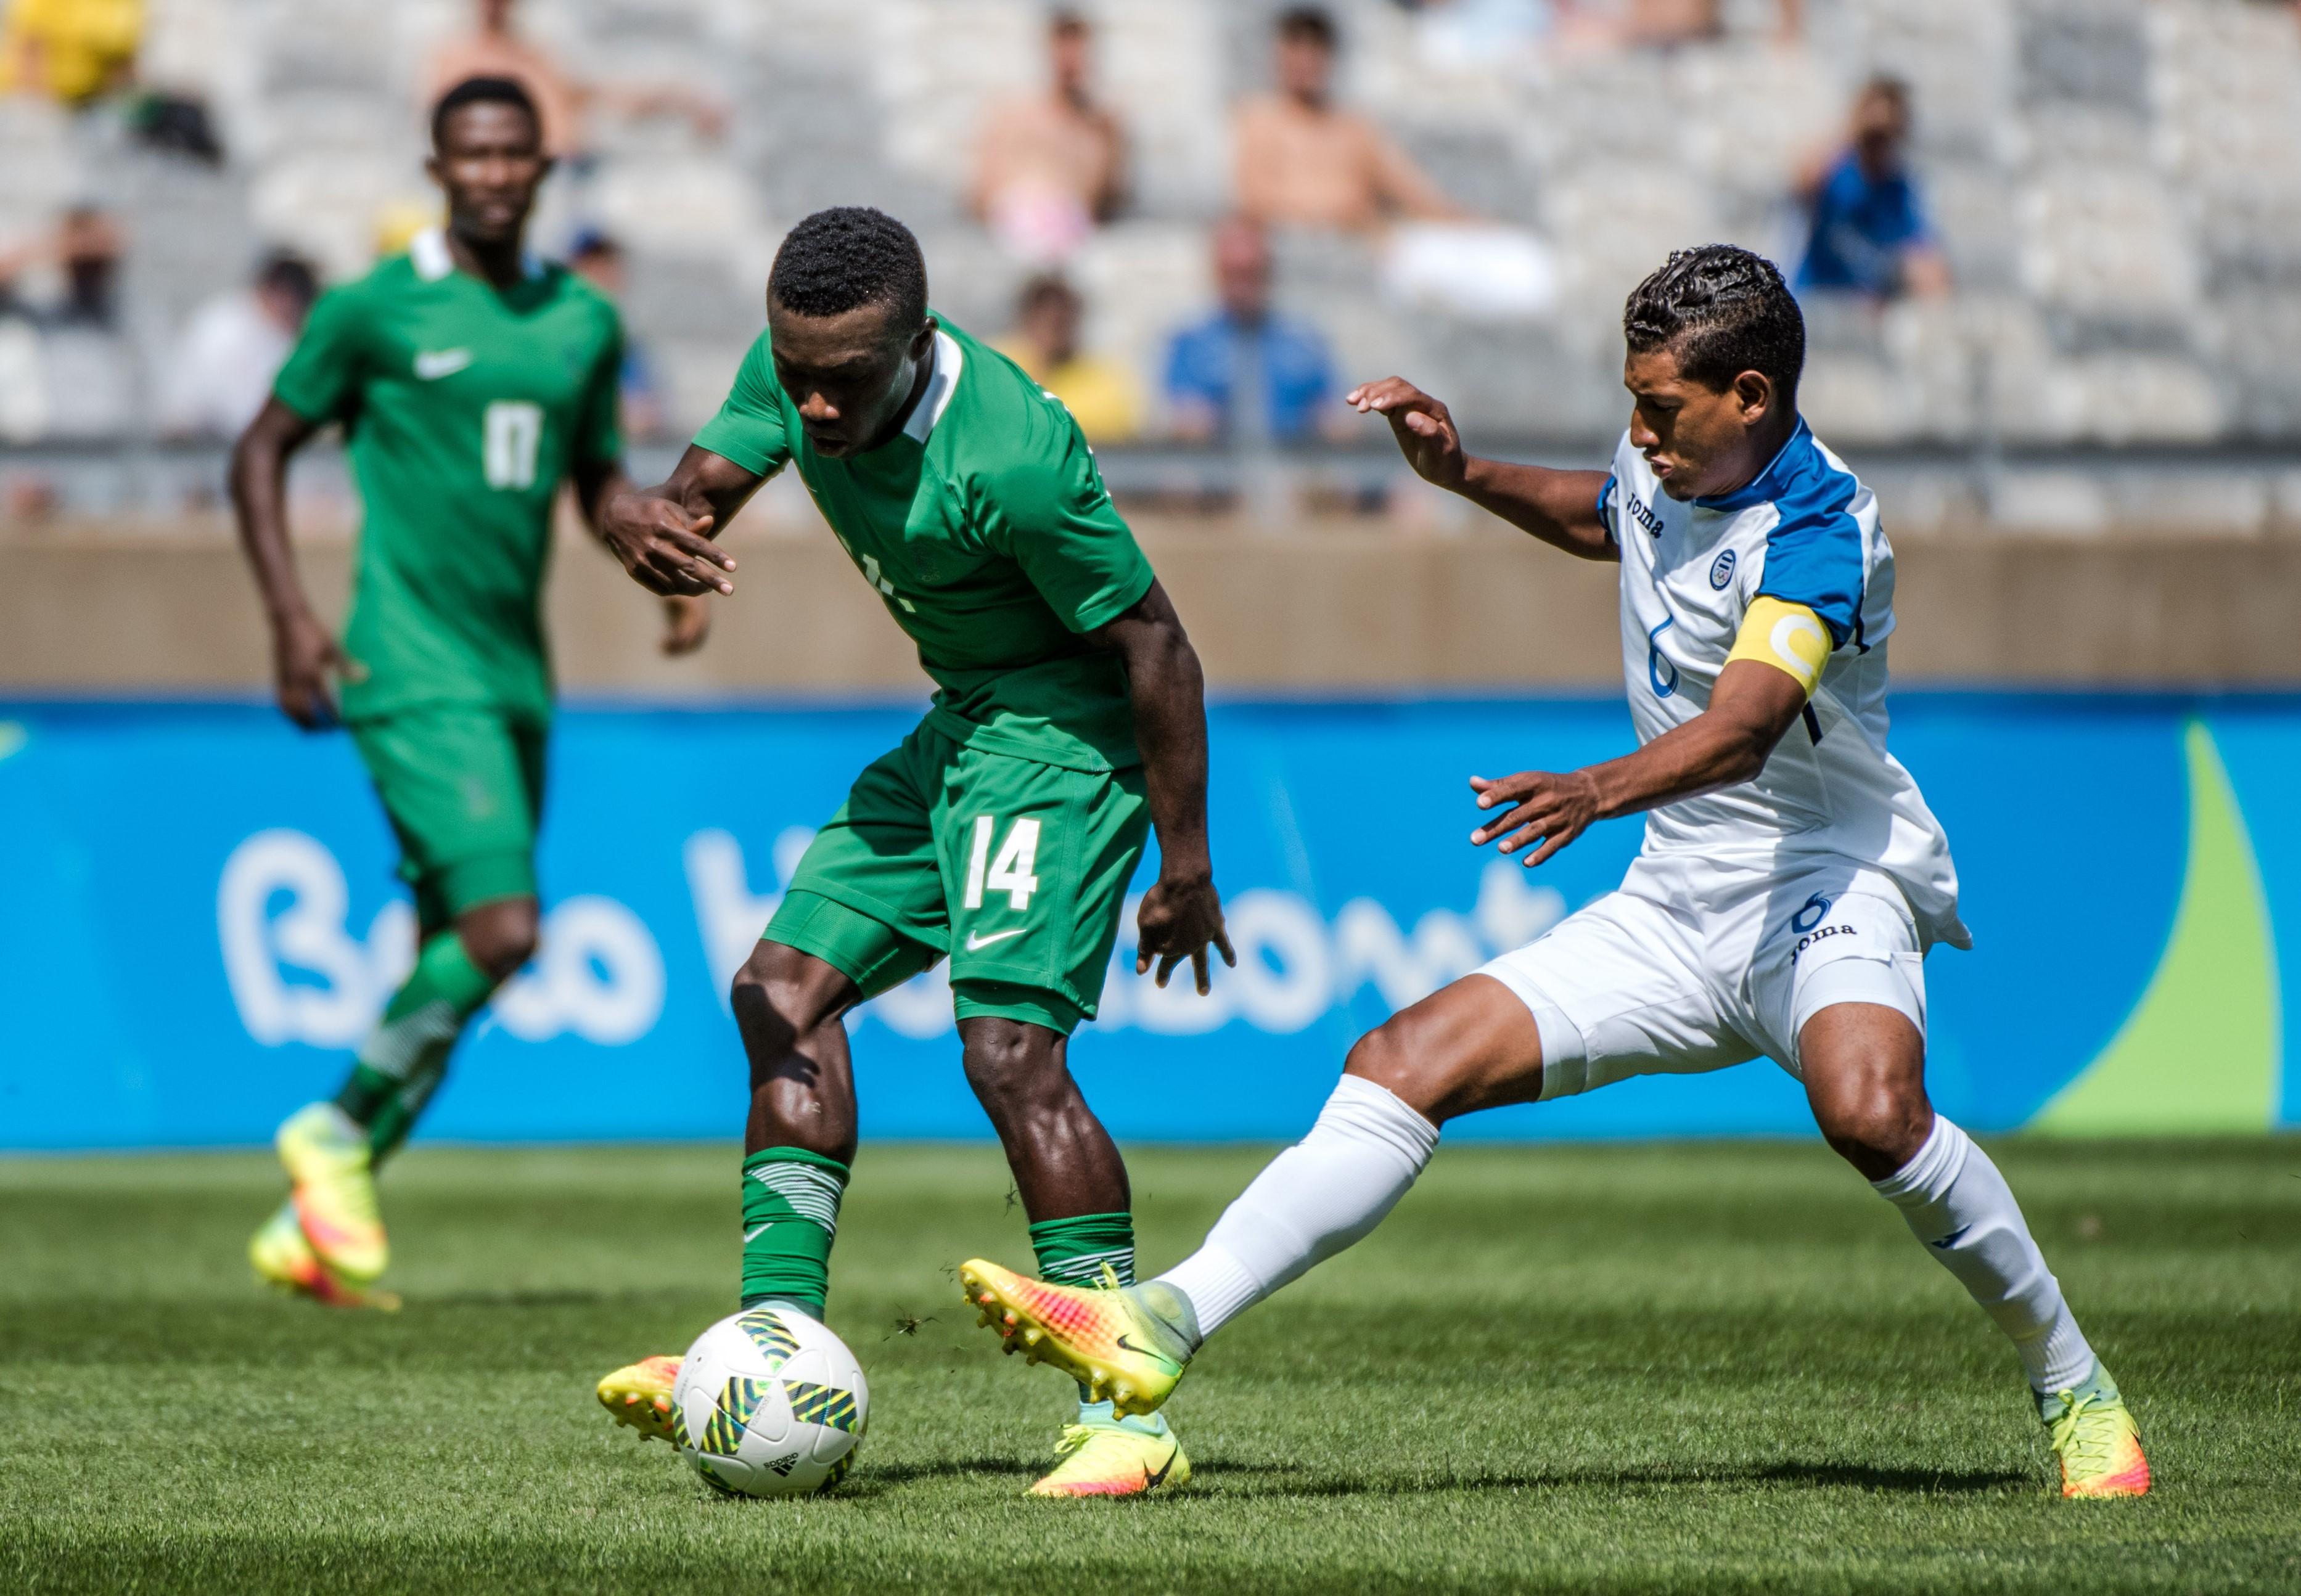 Bryan Acosta (Honduras), Okechukwu Azubuike (Nigeria) aux Jeux Olympiques de Rio 2016